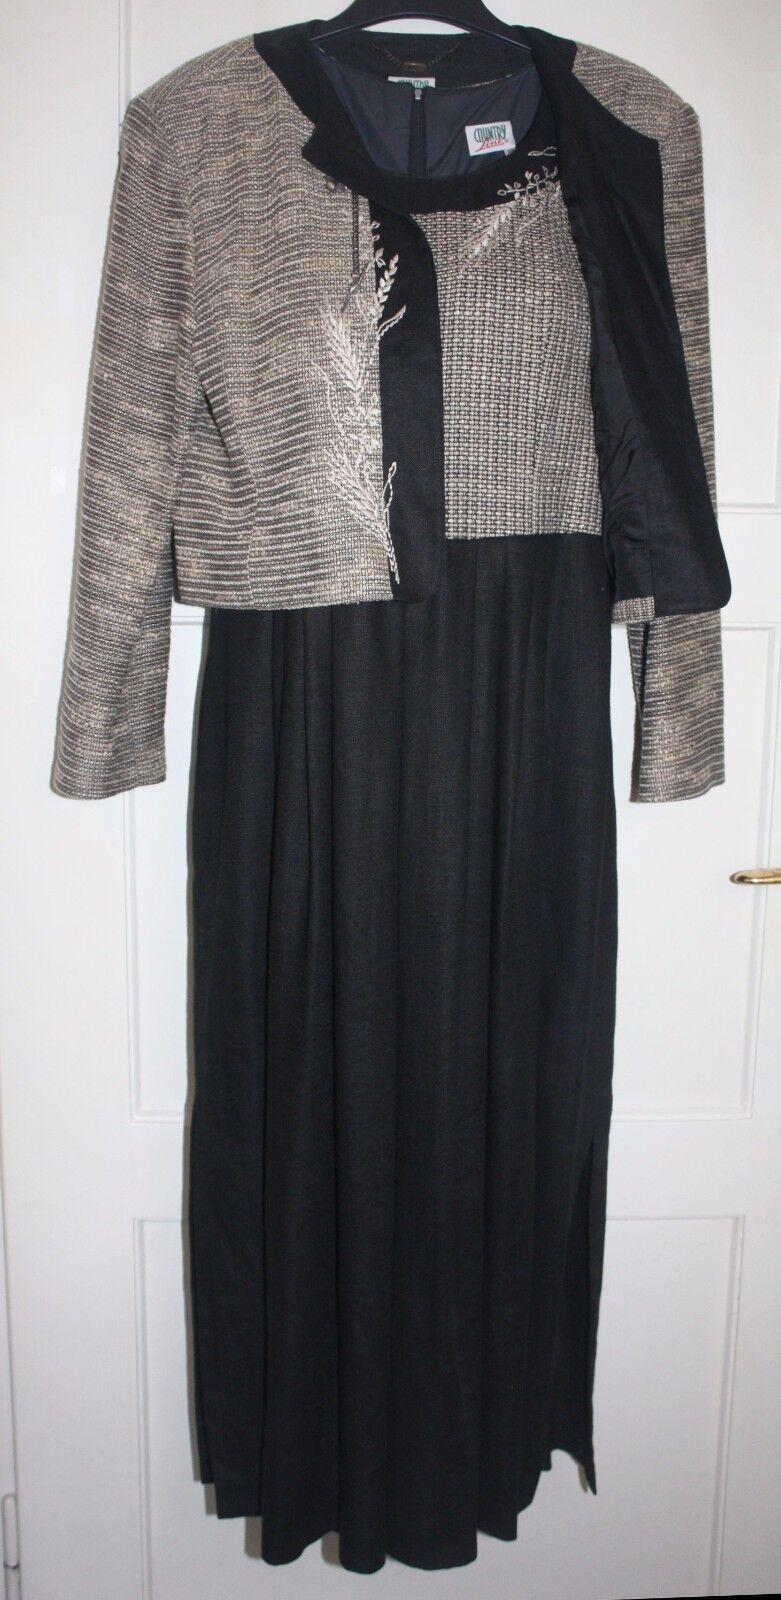 Trachtenkleid Mit Jacke Landhauskleid Schwarz Gr 40 COUNTRY Lang Nnqhxm8437 Neue Kleidung